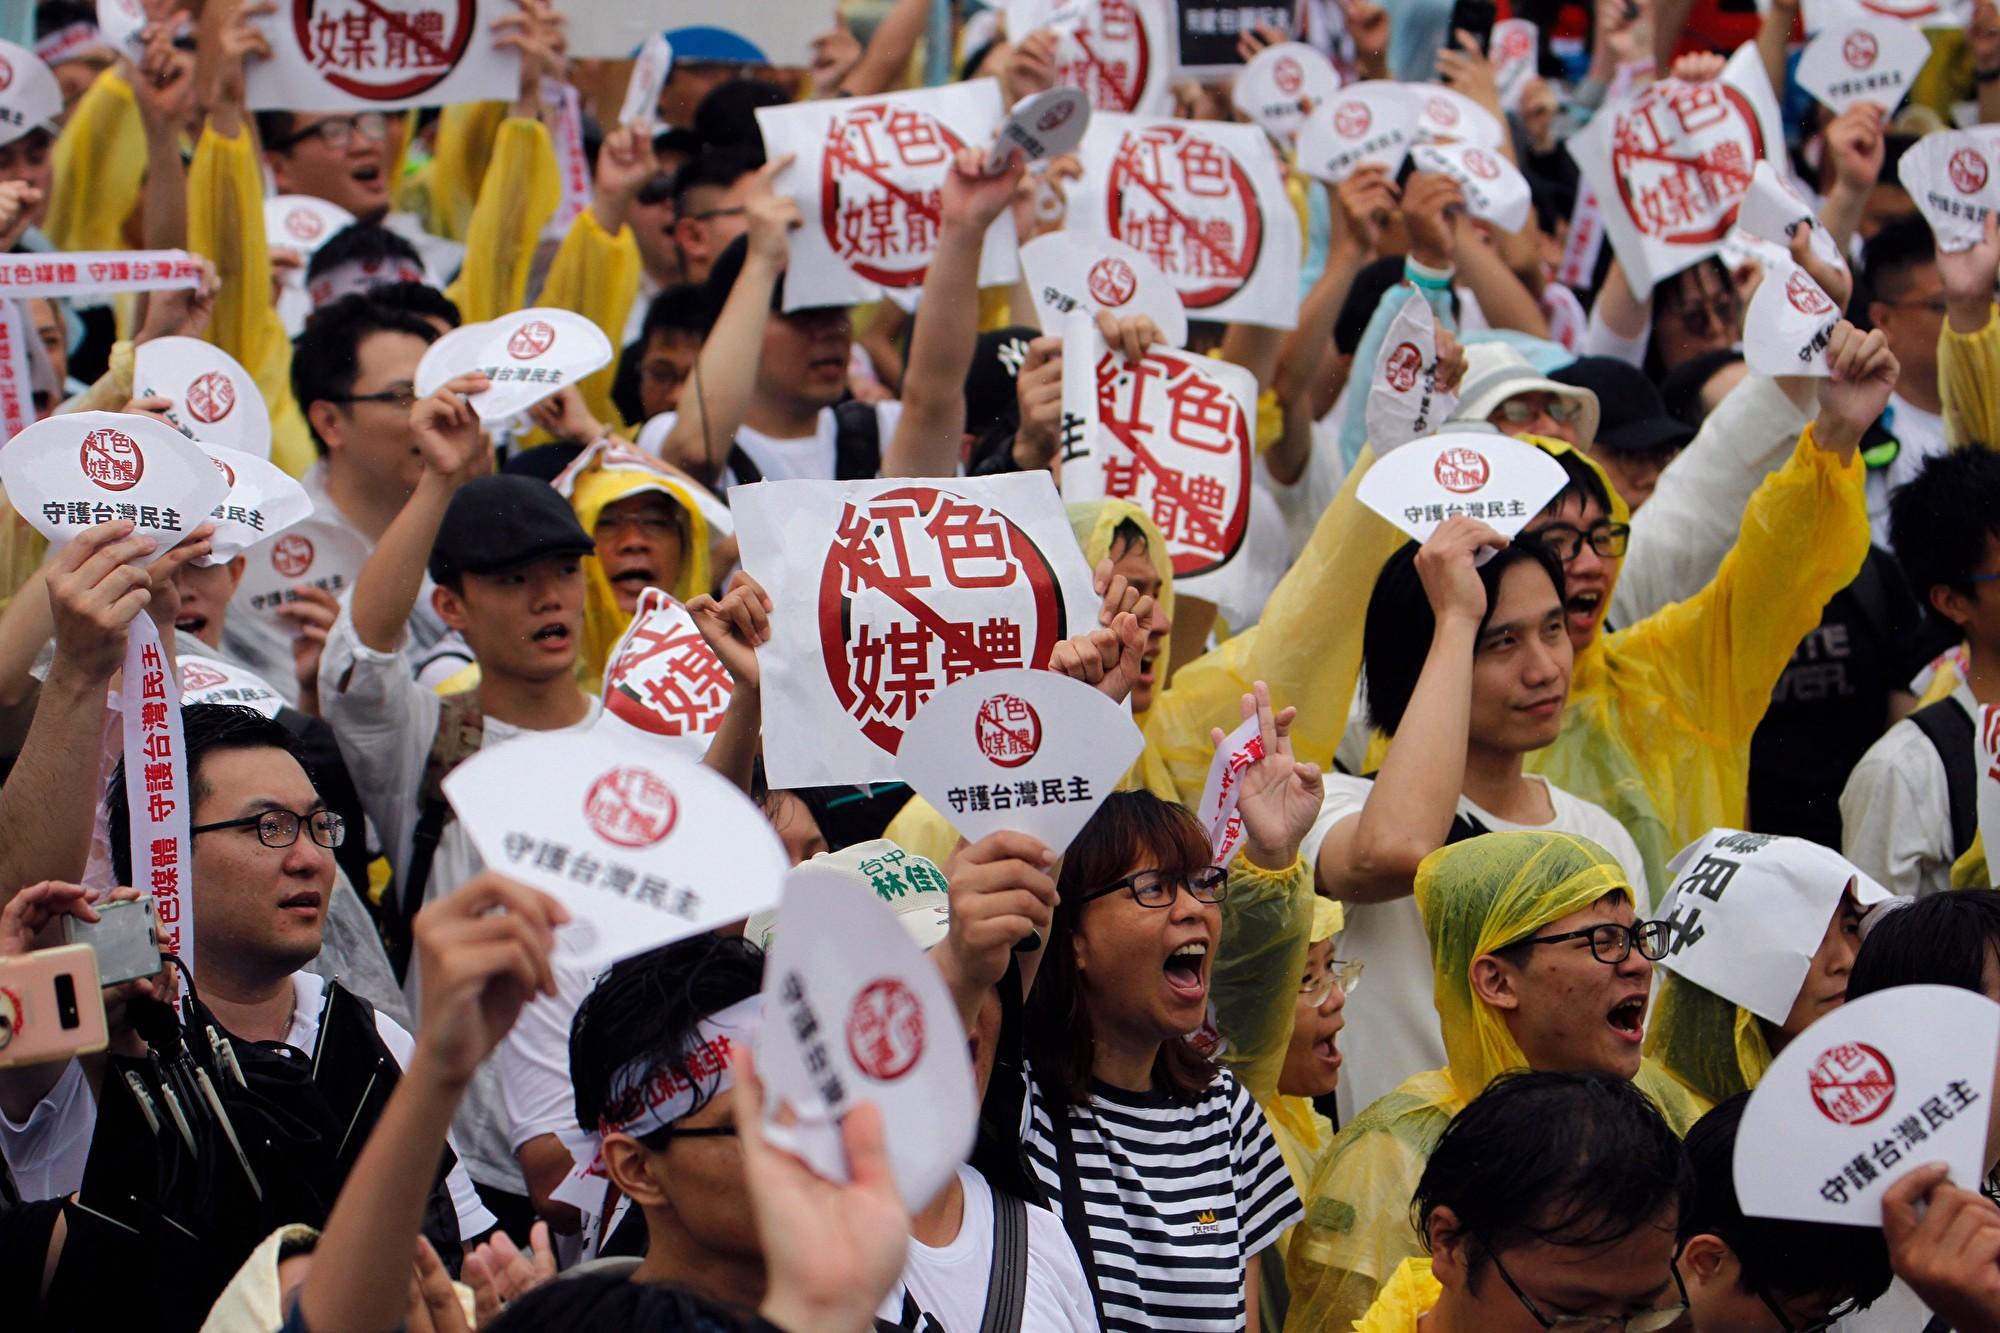 外媒關注台灣對抗紅色媒體 聚焦旺中集團